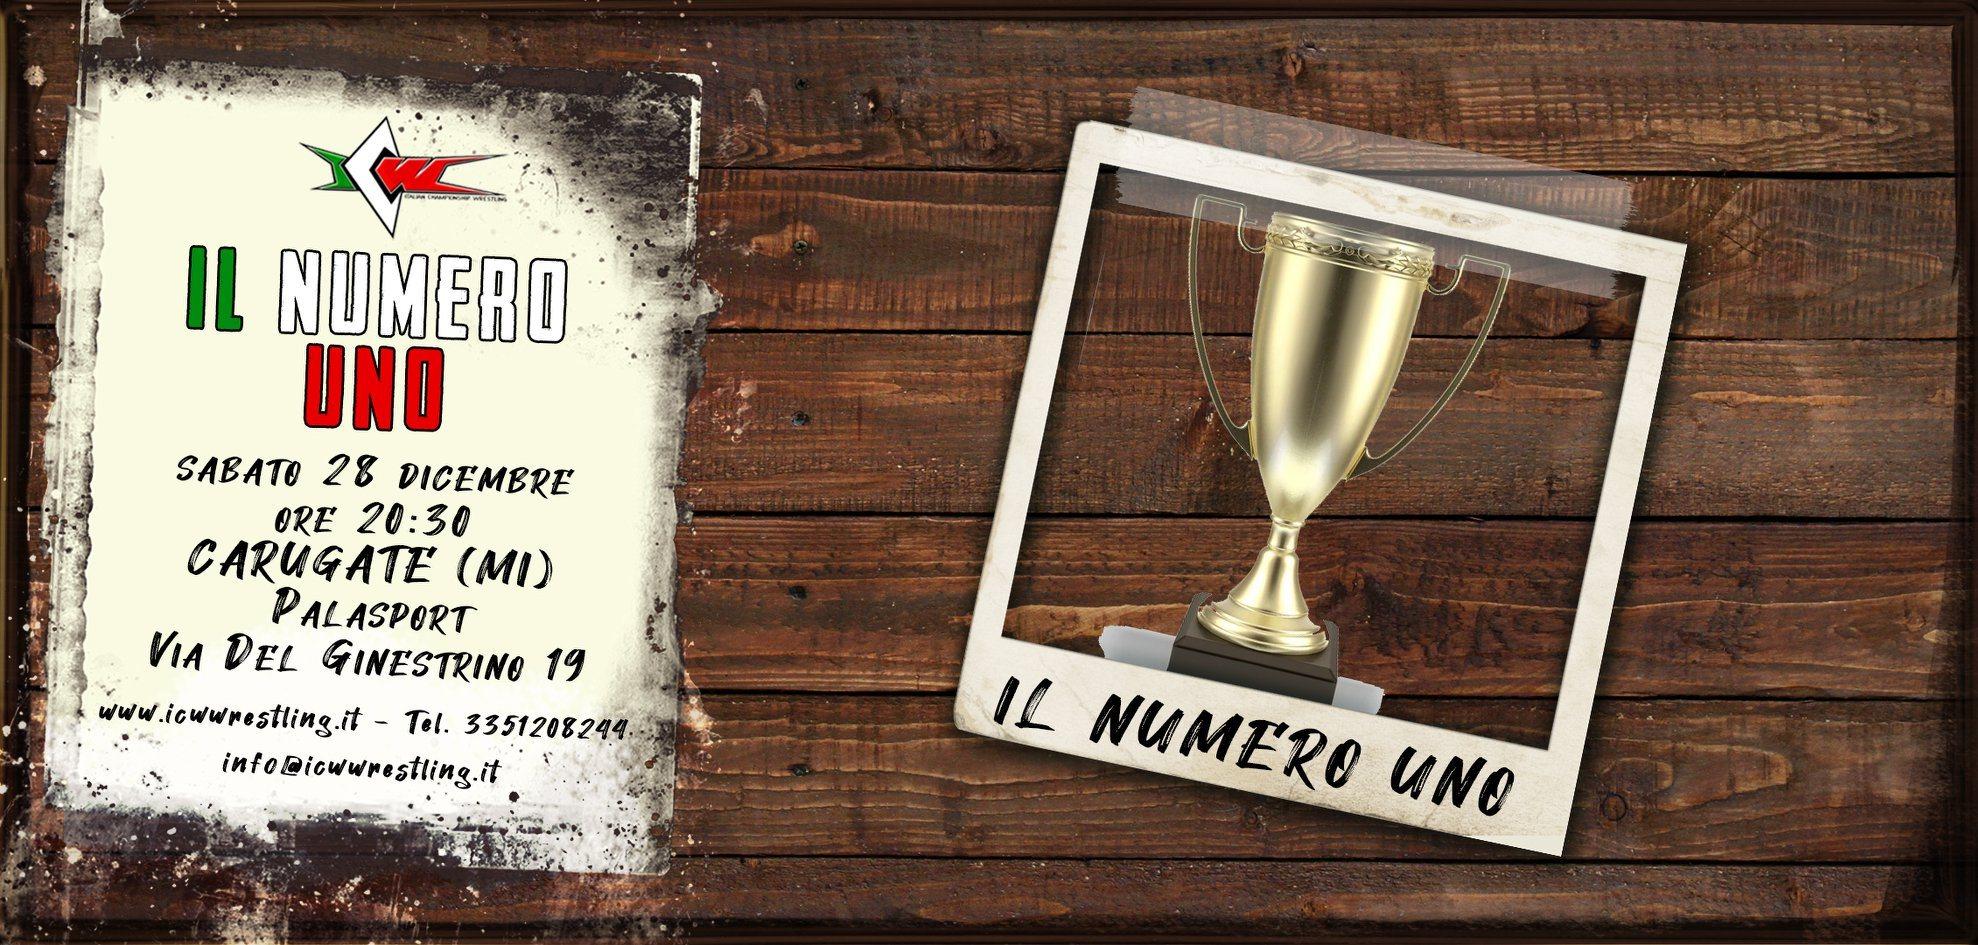 Sabato 28 dicembre a Carugate il Torneo più atteso dell'anno: chi sarà Il Numero Uno 2019?